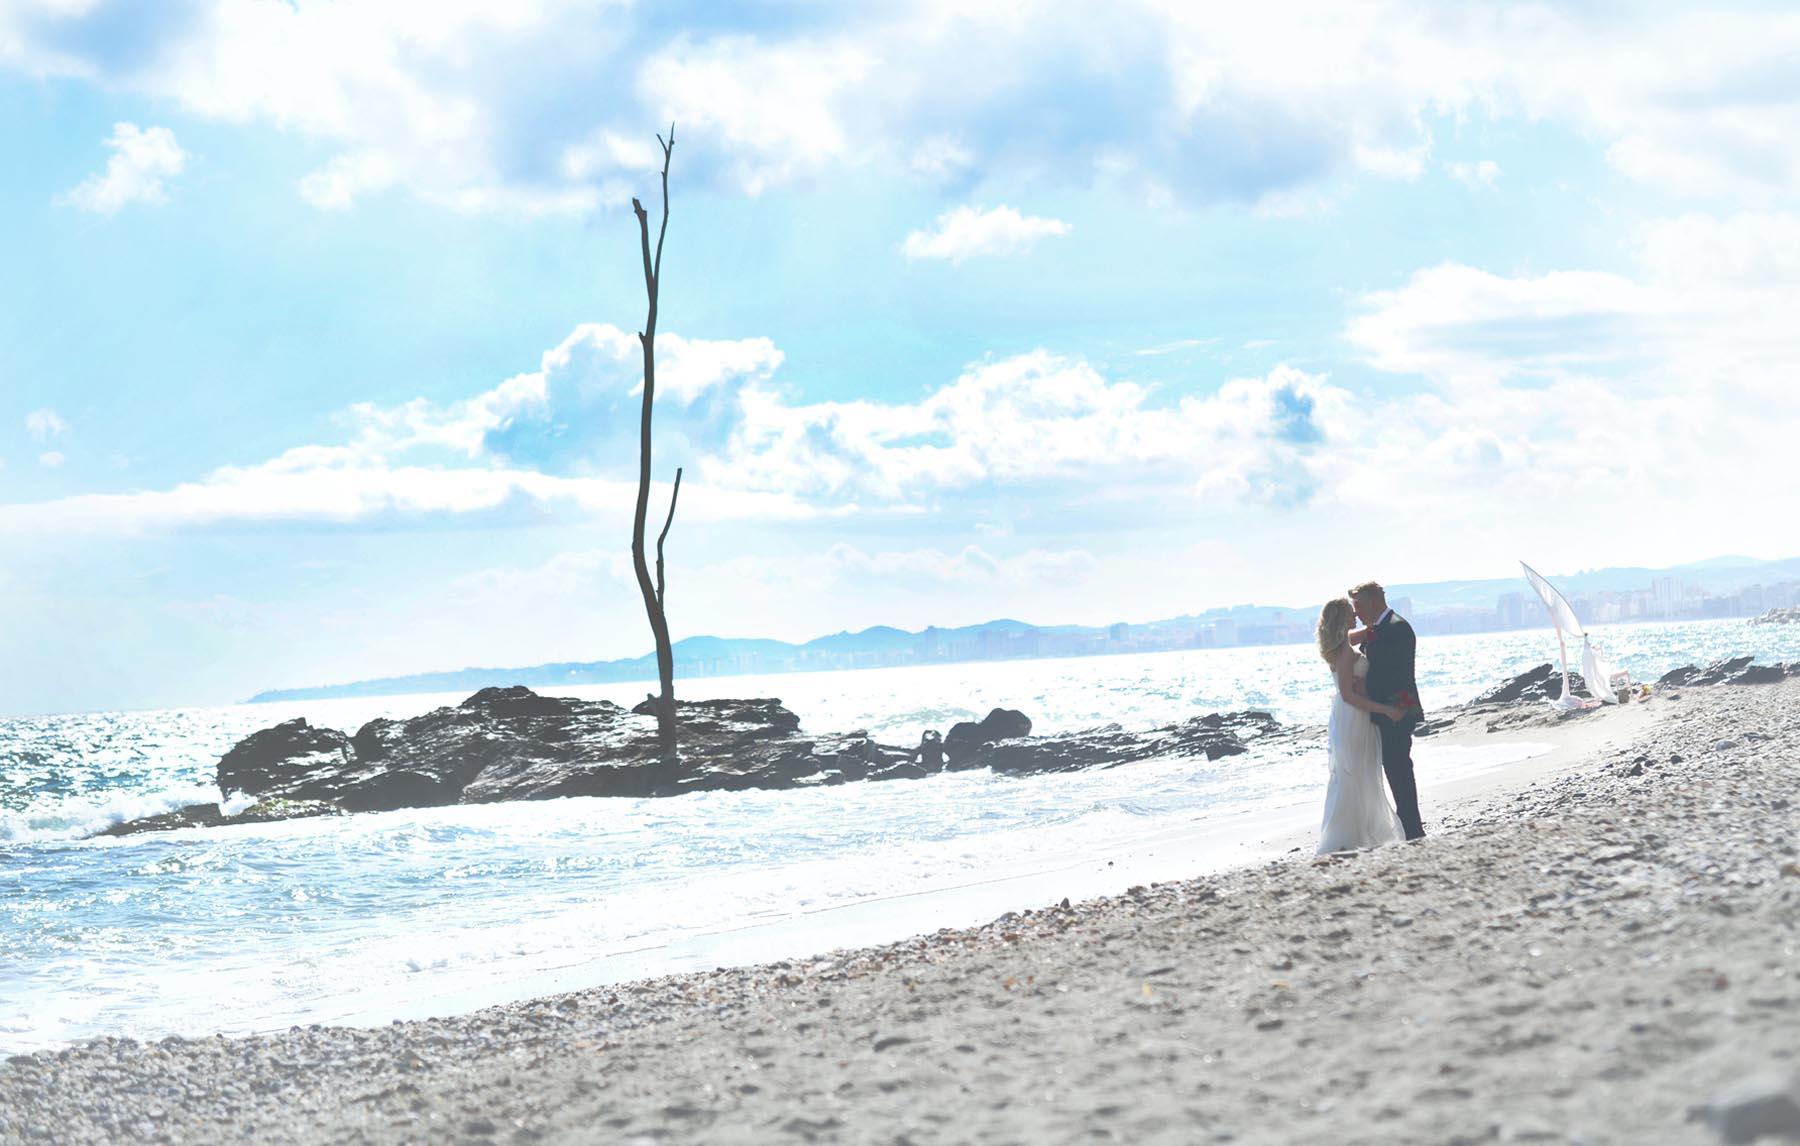 viborilla beach